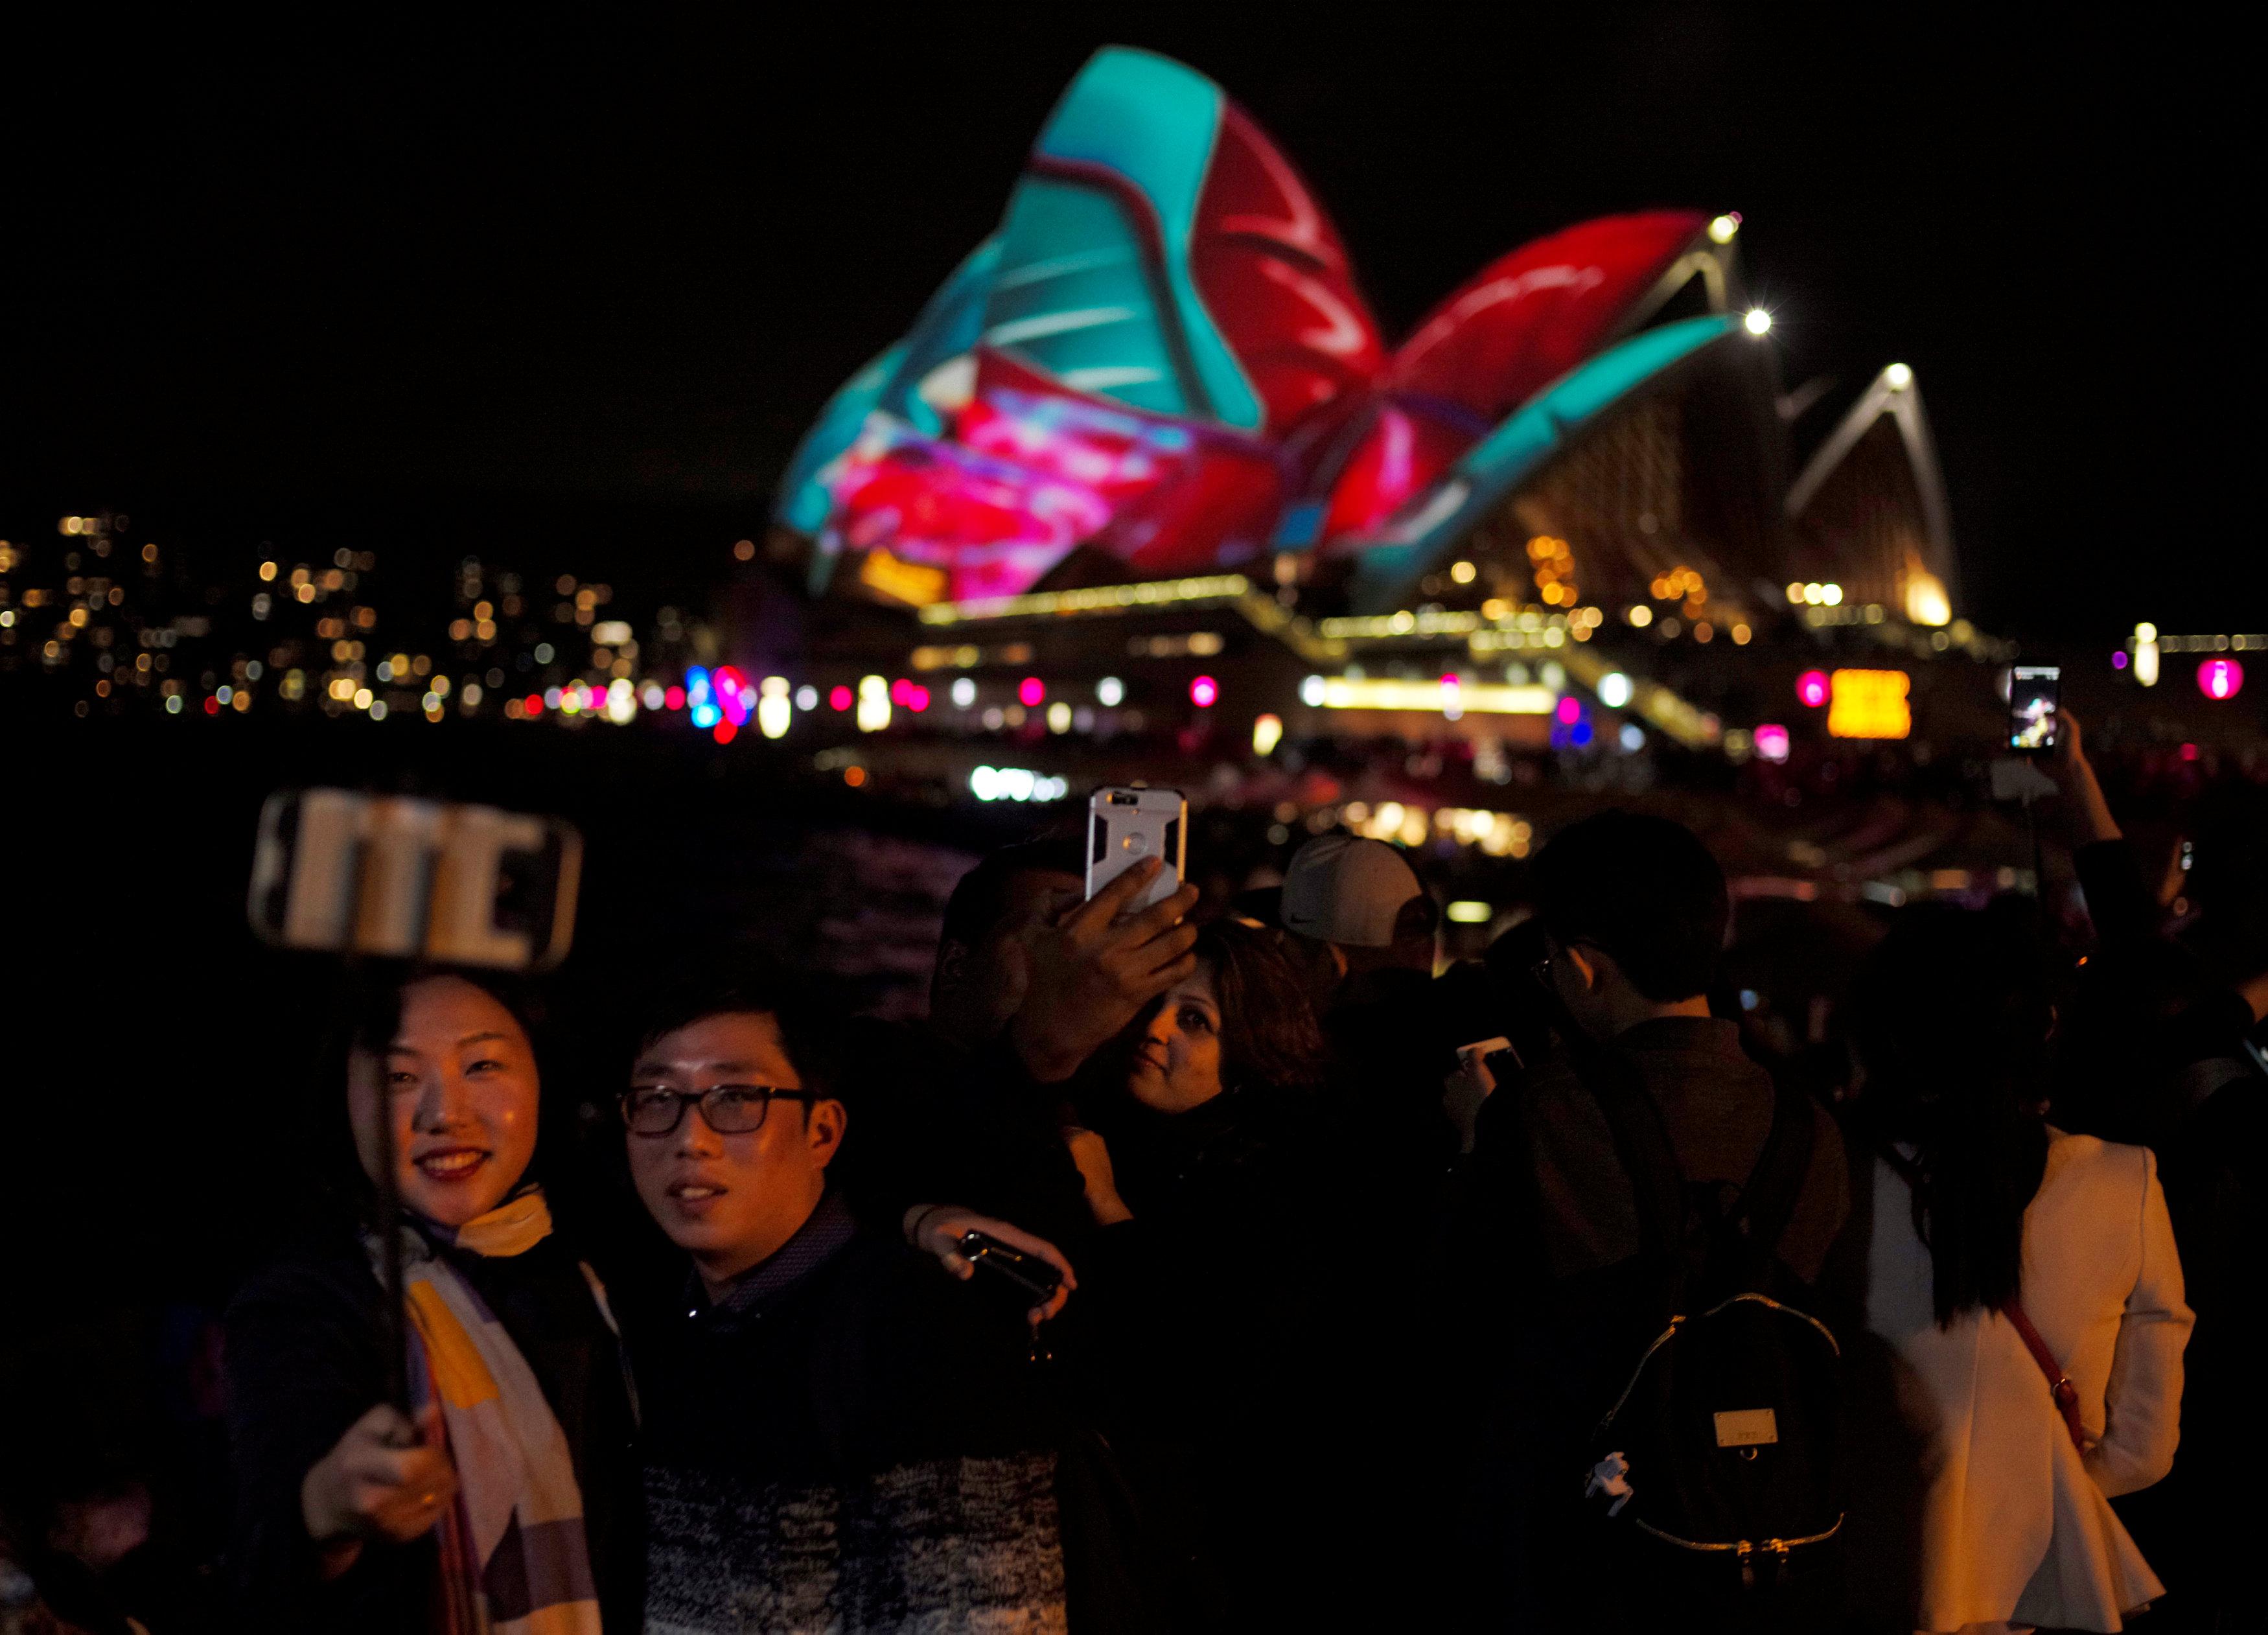 محتفلون يلتقطون صور سيلفى فى مهرجان سيدنى